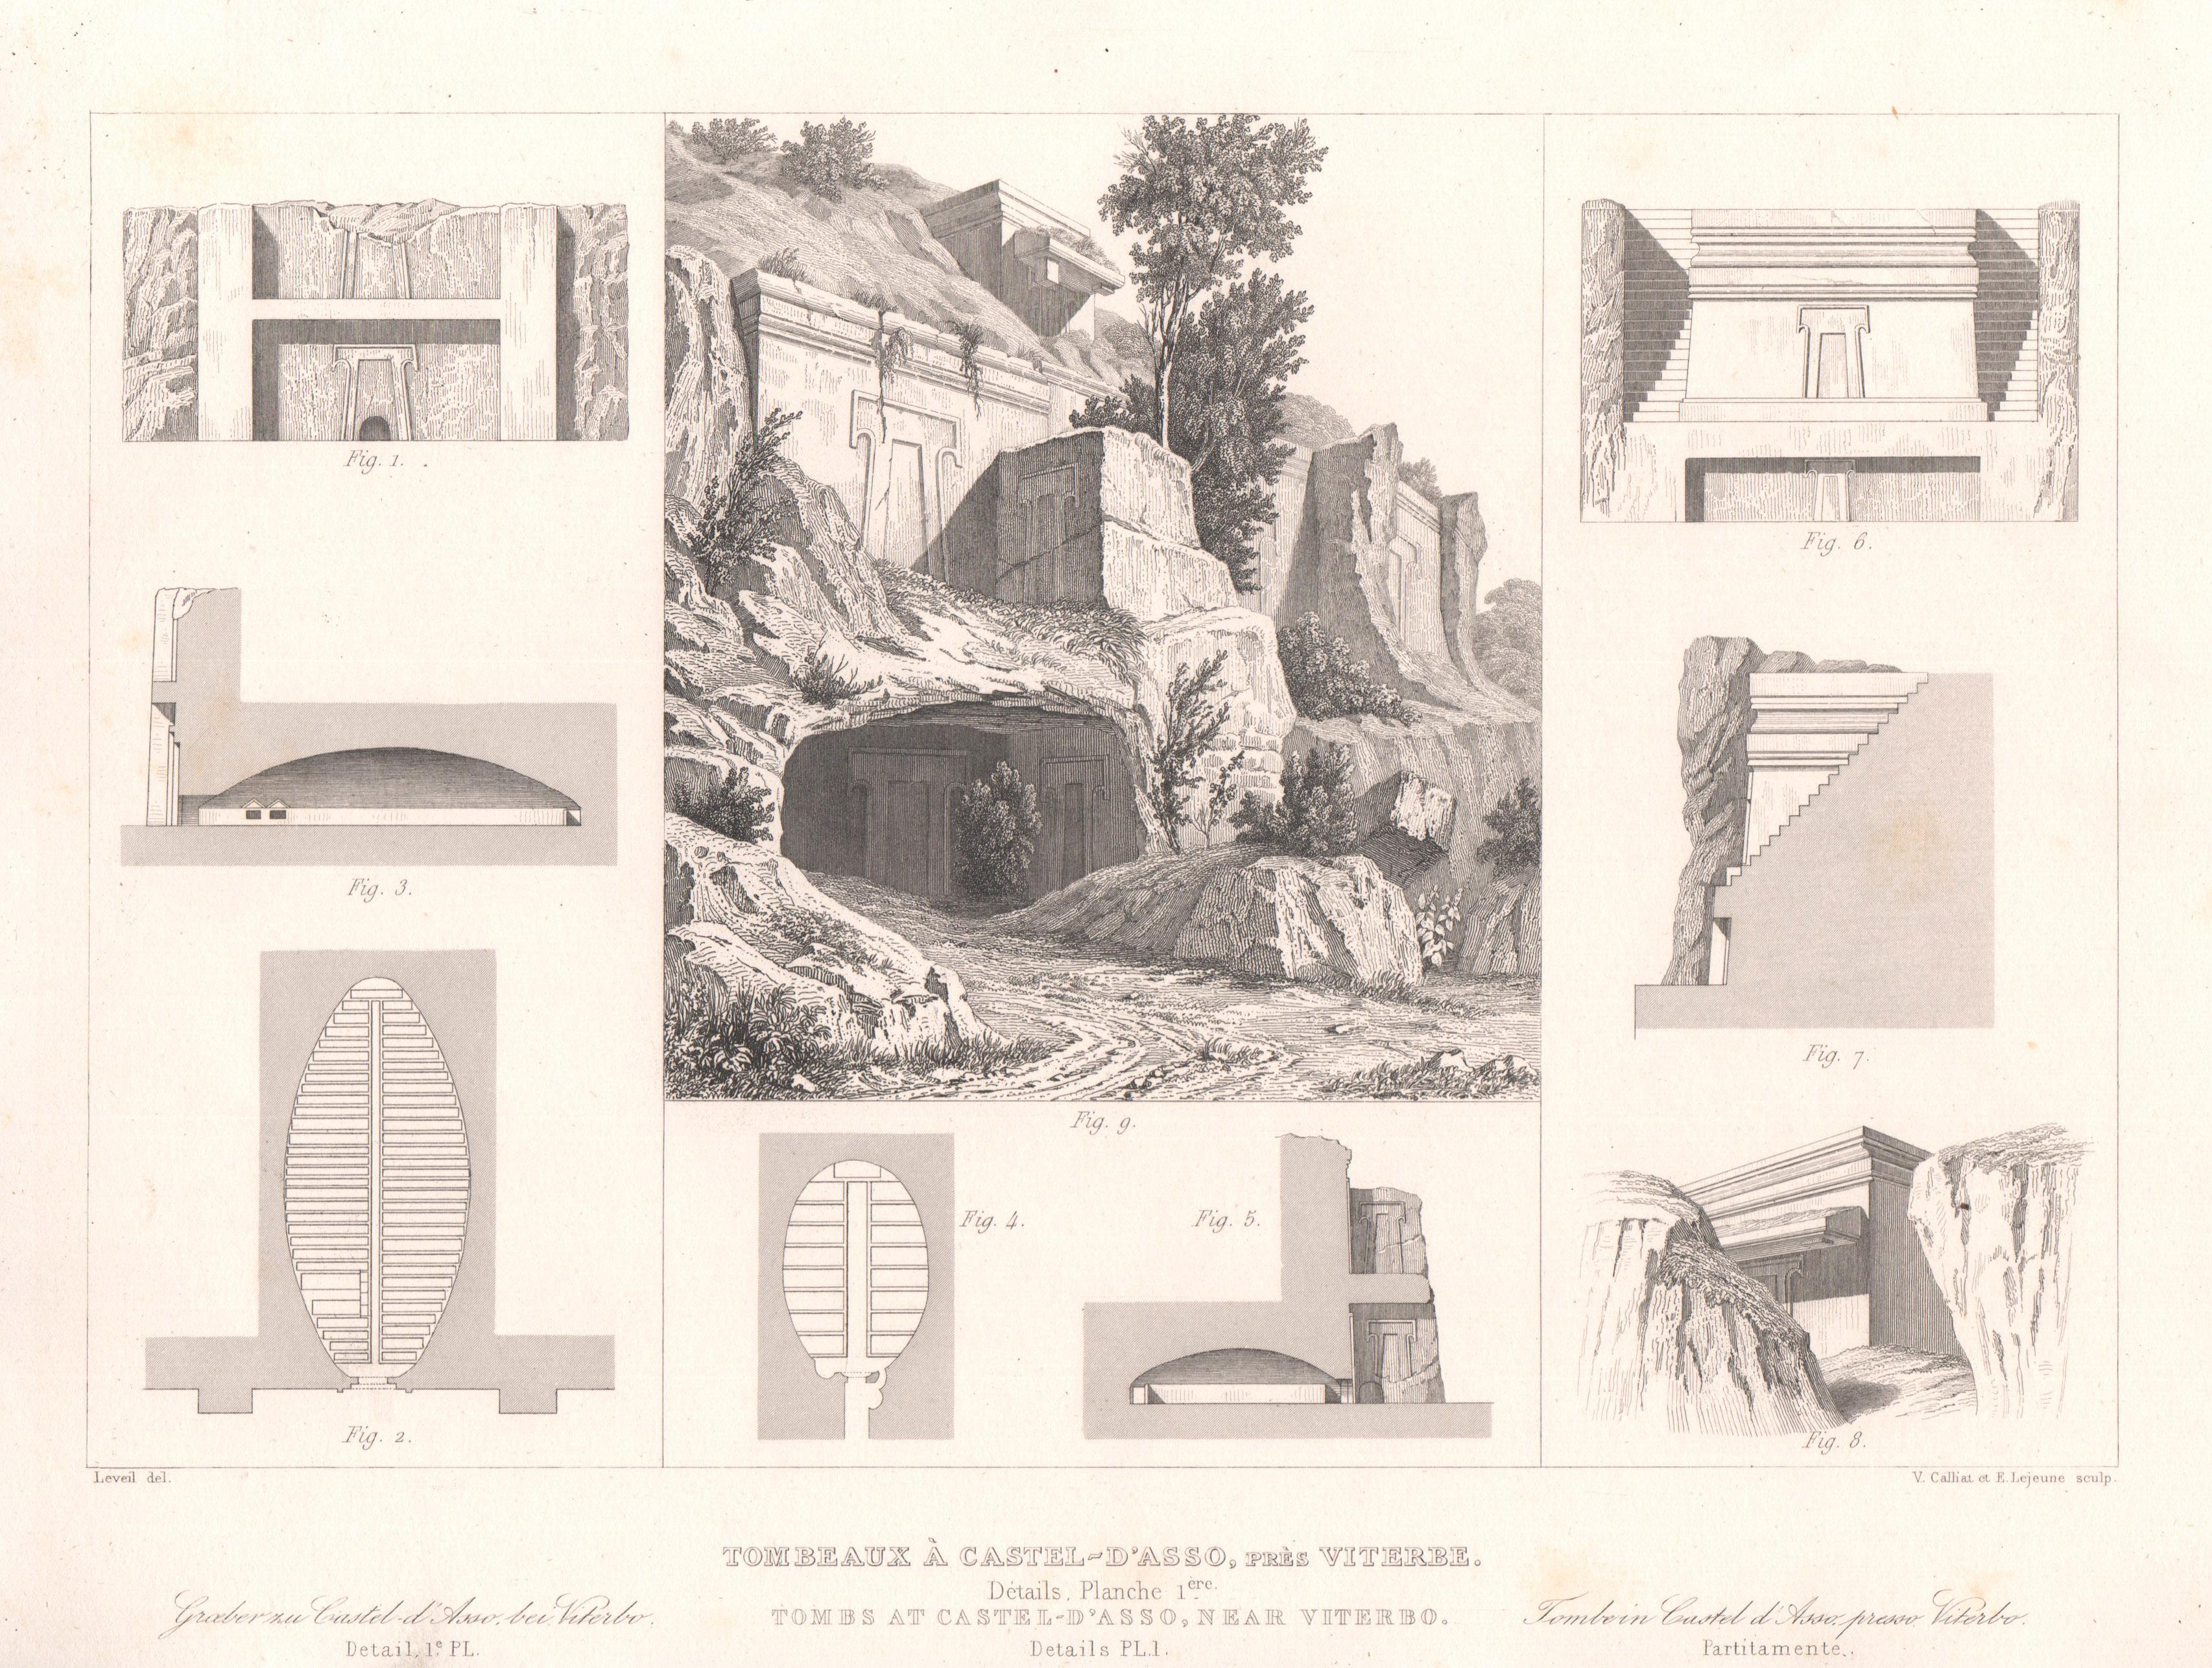 Italy - Antique Monuments - Castel d'Asso's Necropolis - Viterbo - Lazio - Details